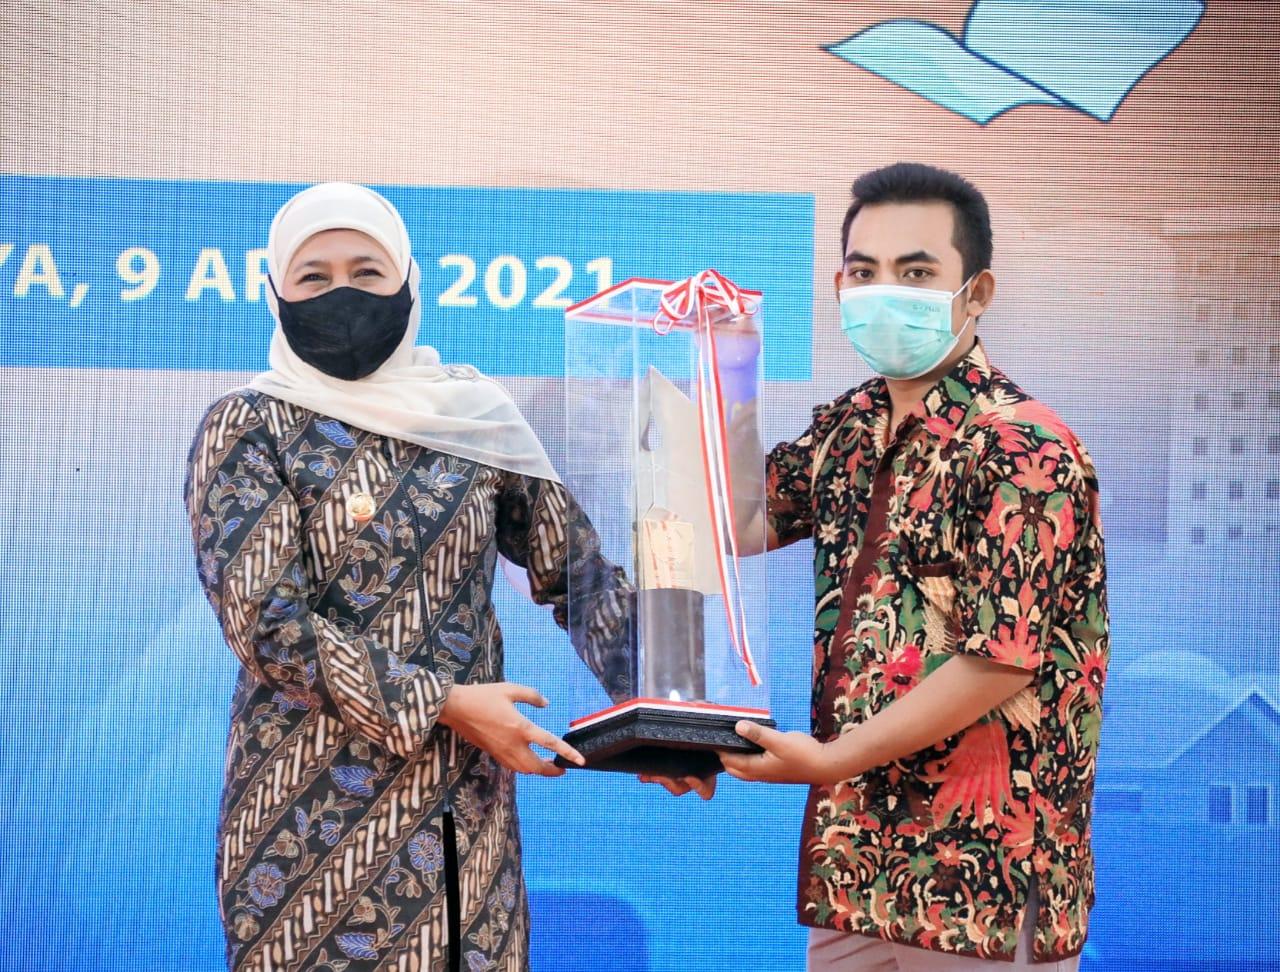 Foto: Gubernur Jatim, Khofifah Indar Parawansa saat menerima penghargaan dari PWI Jatim (Istimewa/ Humas Pemprov Jatim)